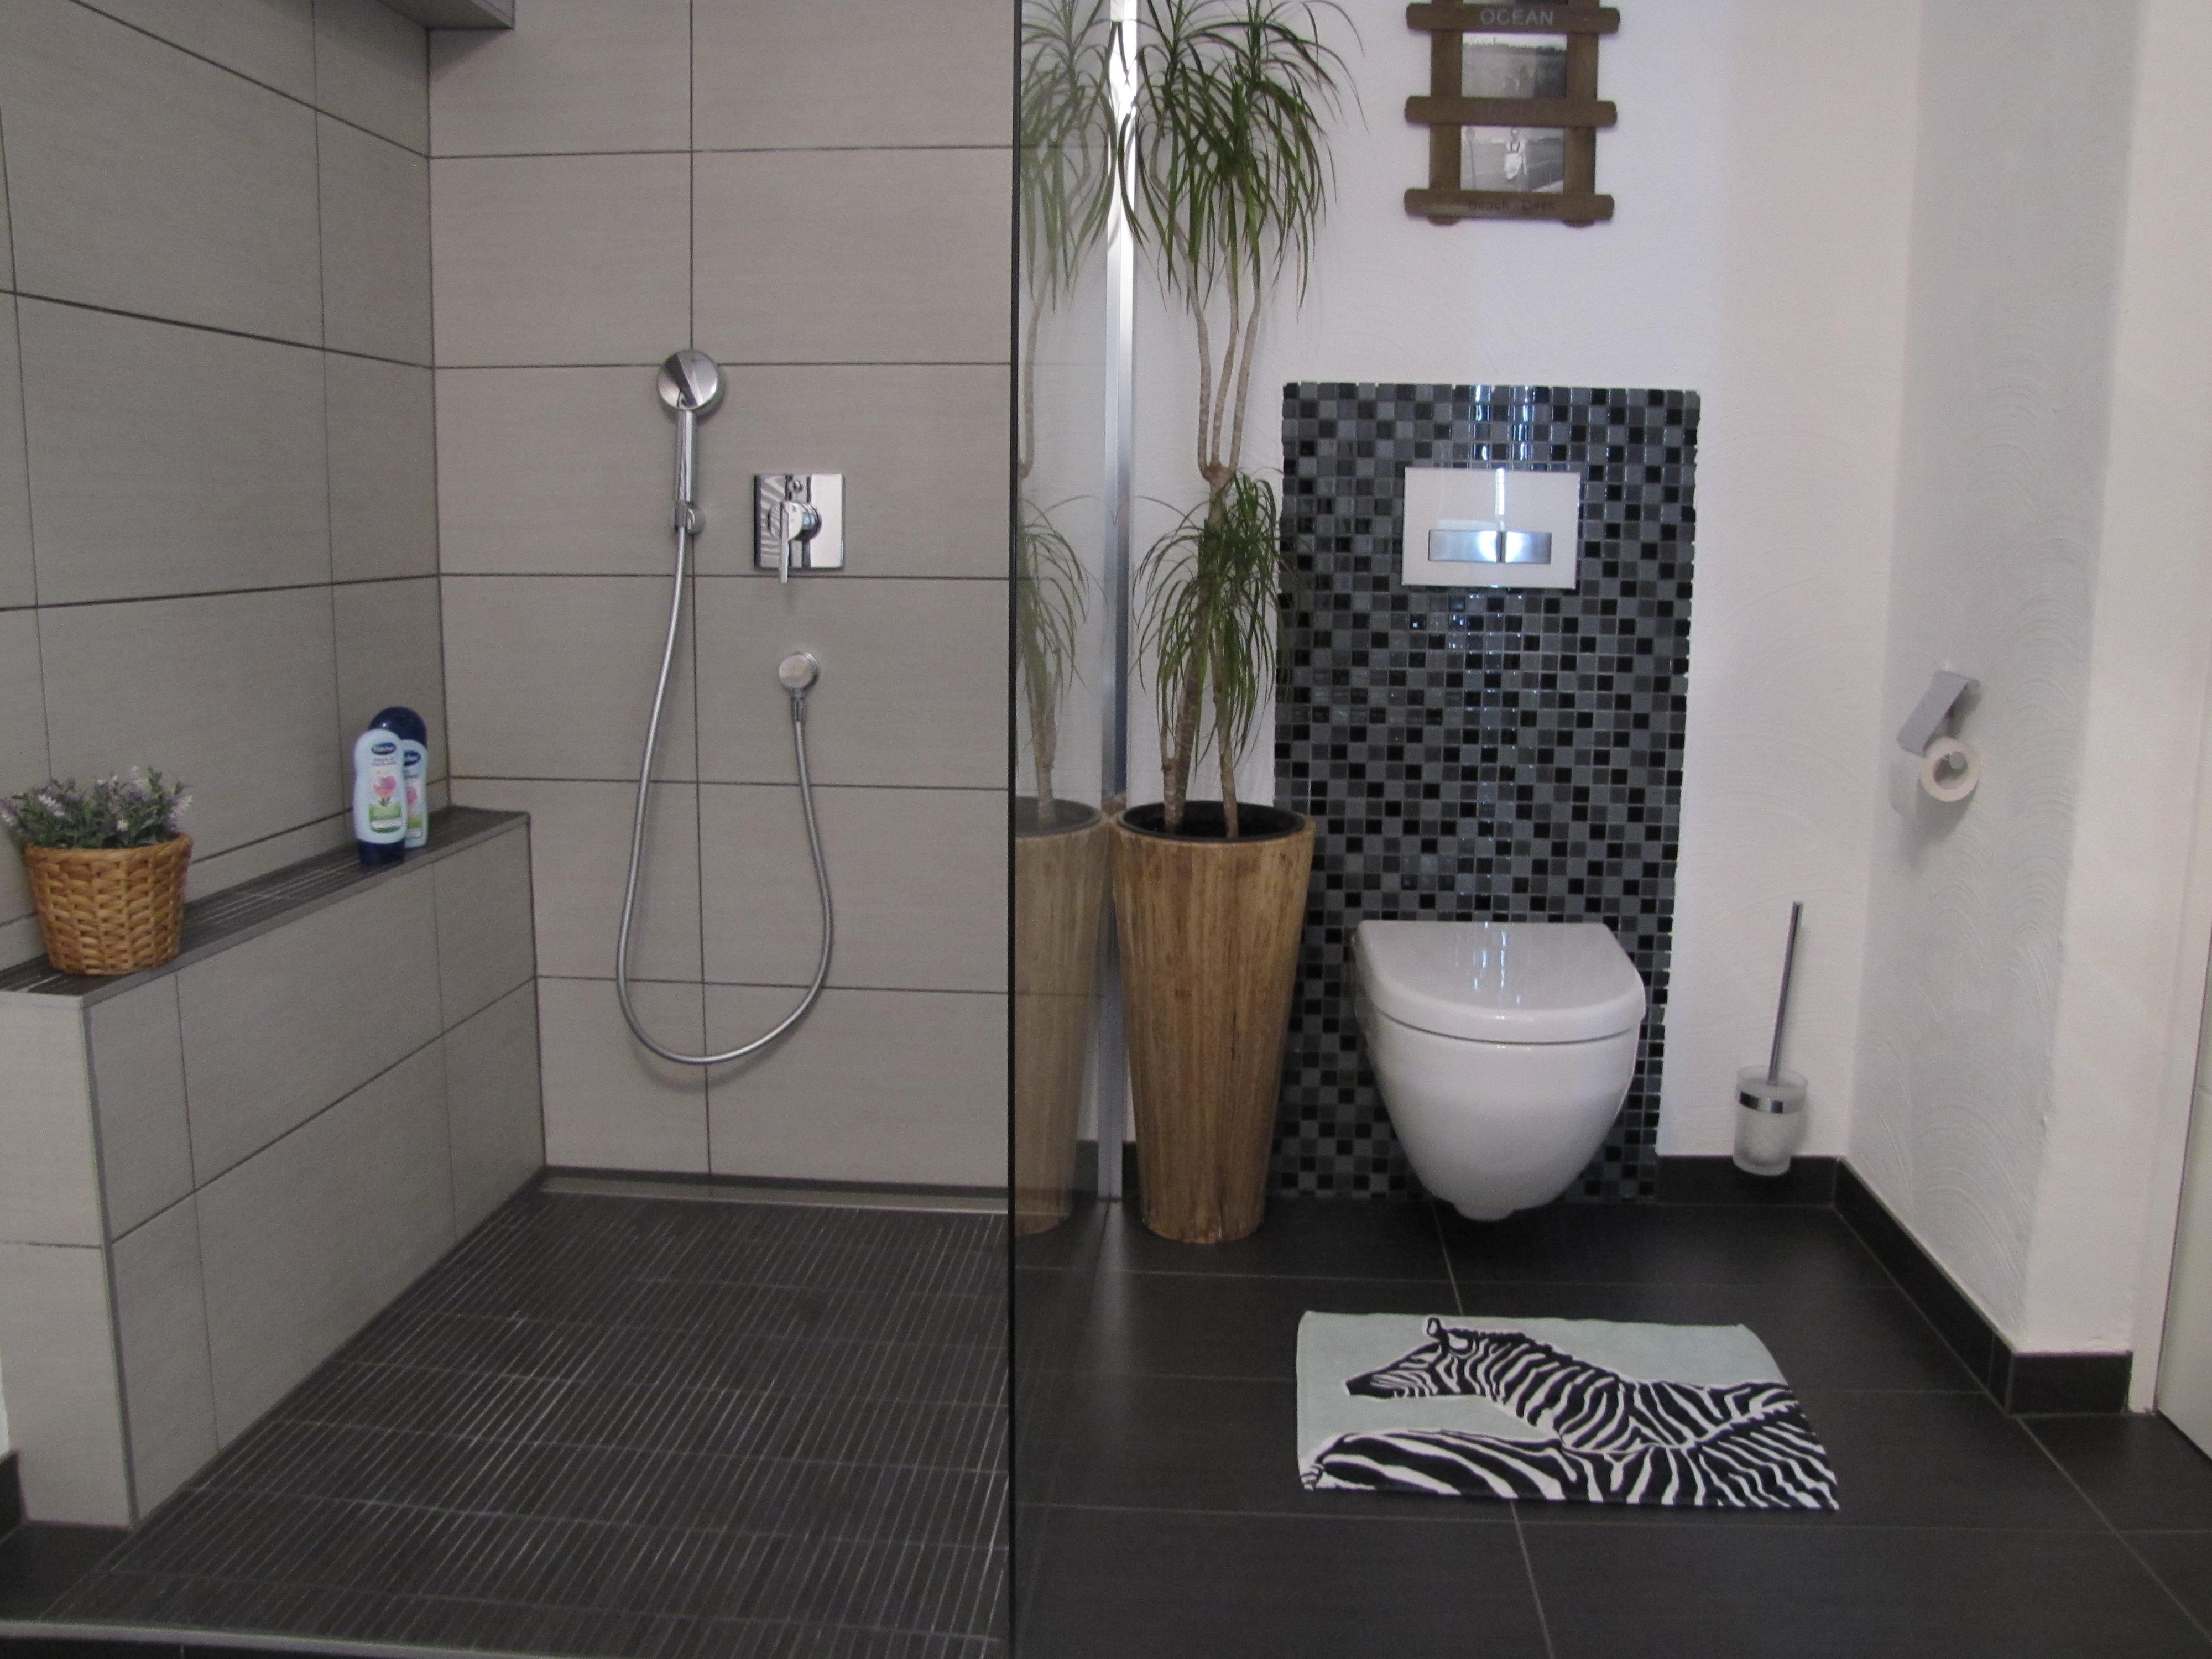 Dillingen City - Dusche und WC